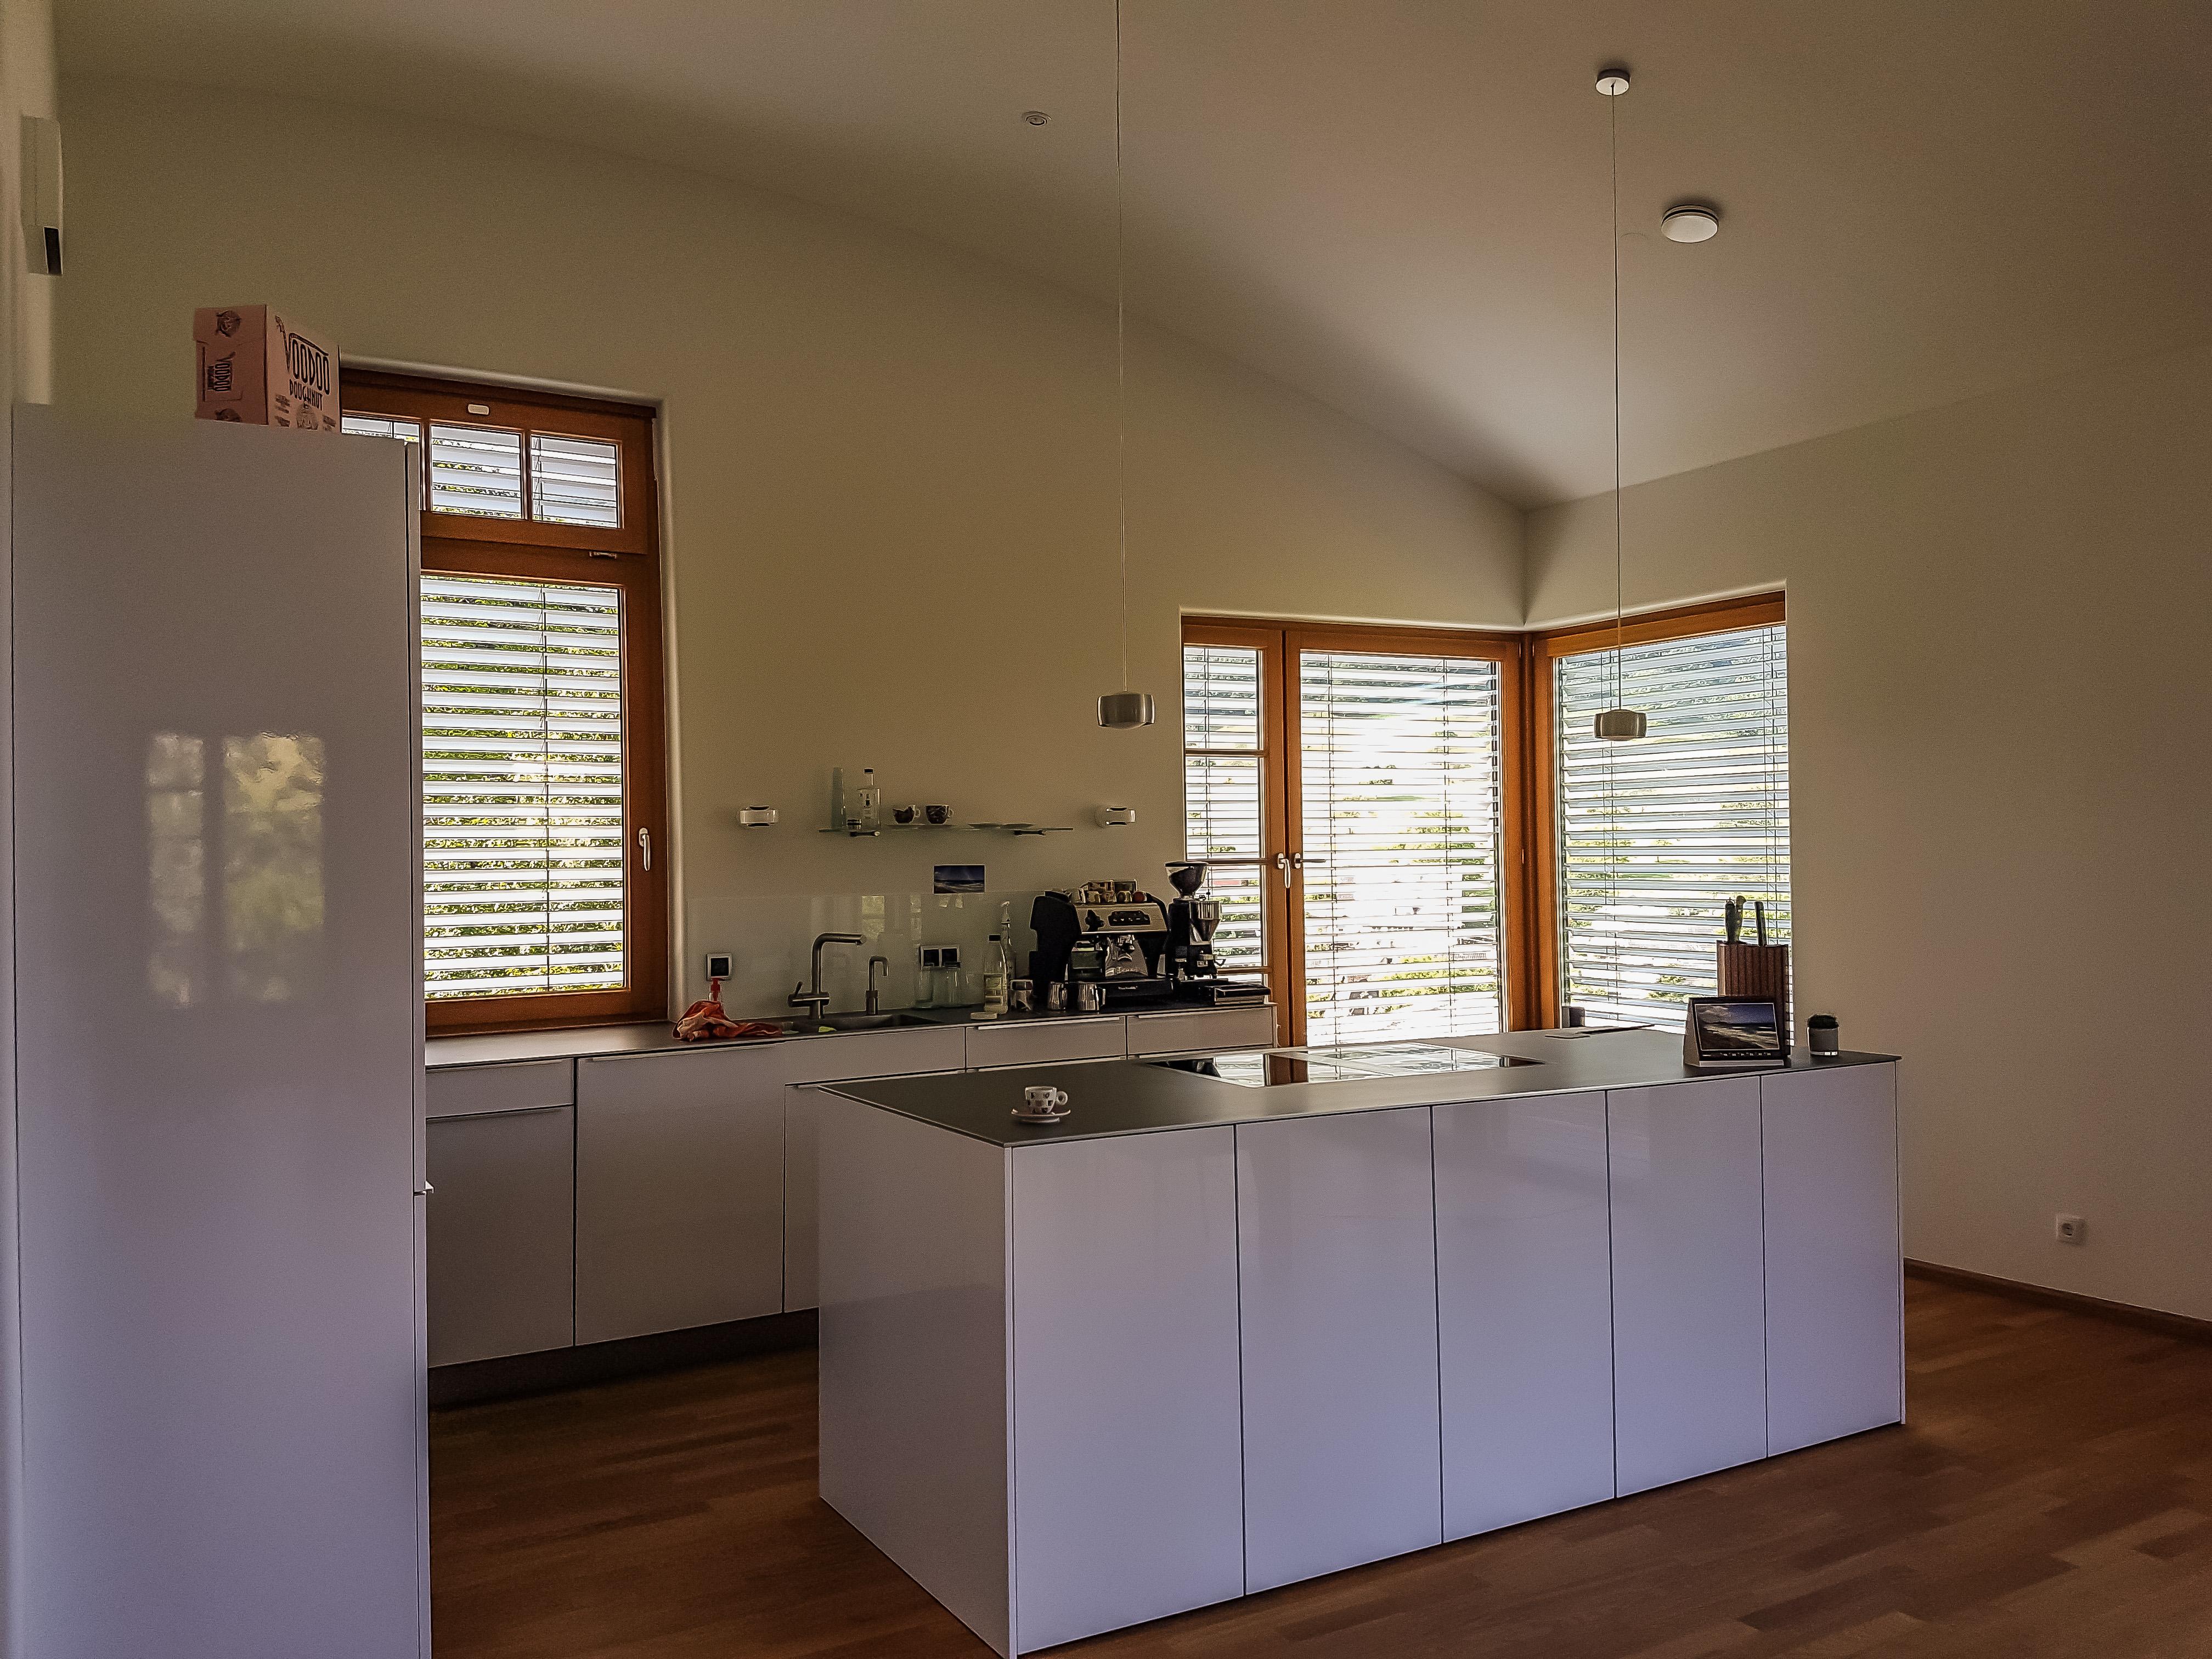 Offene Raumgestaltung im Küchen- und Wohnbereich